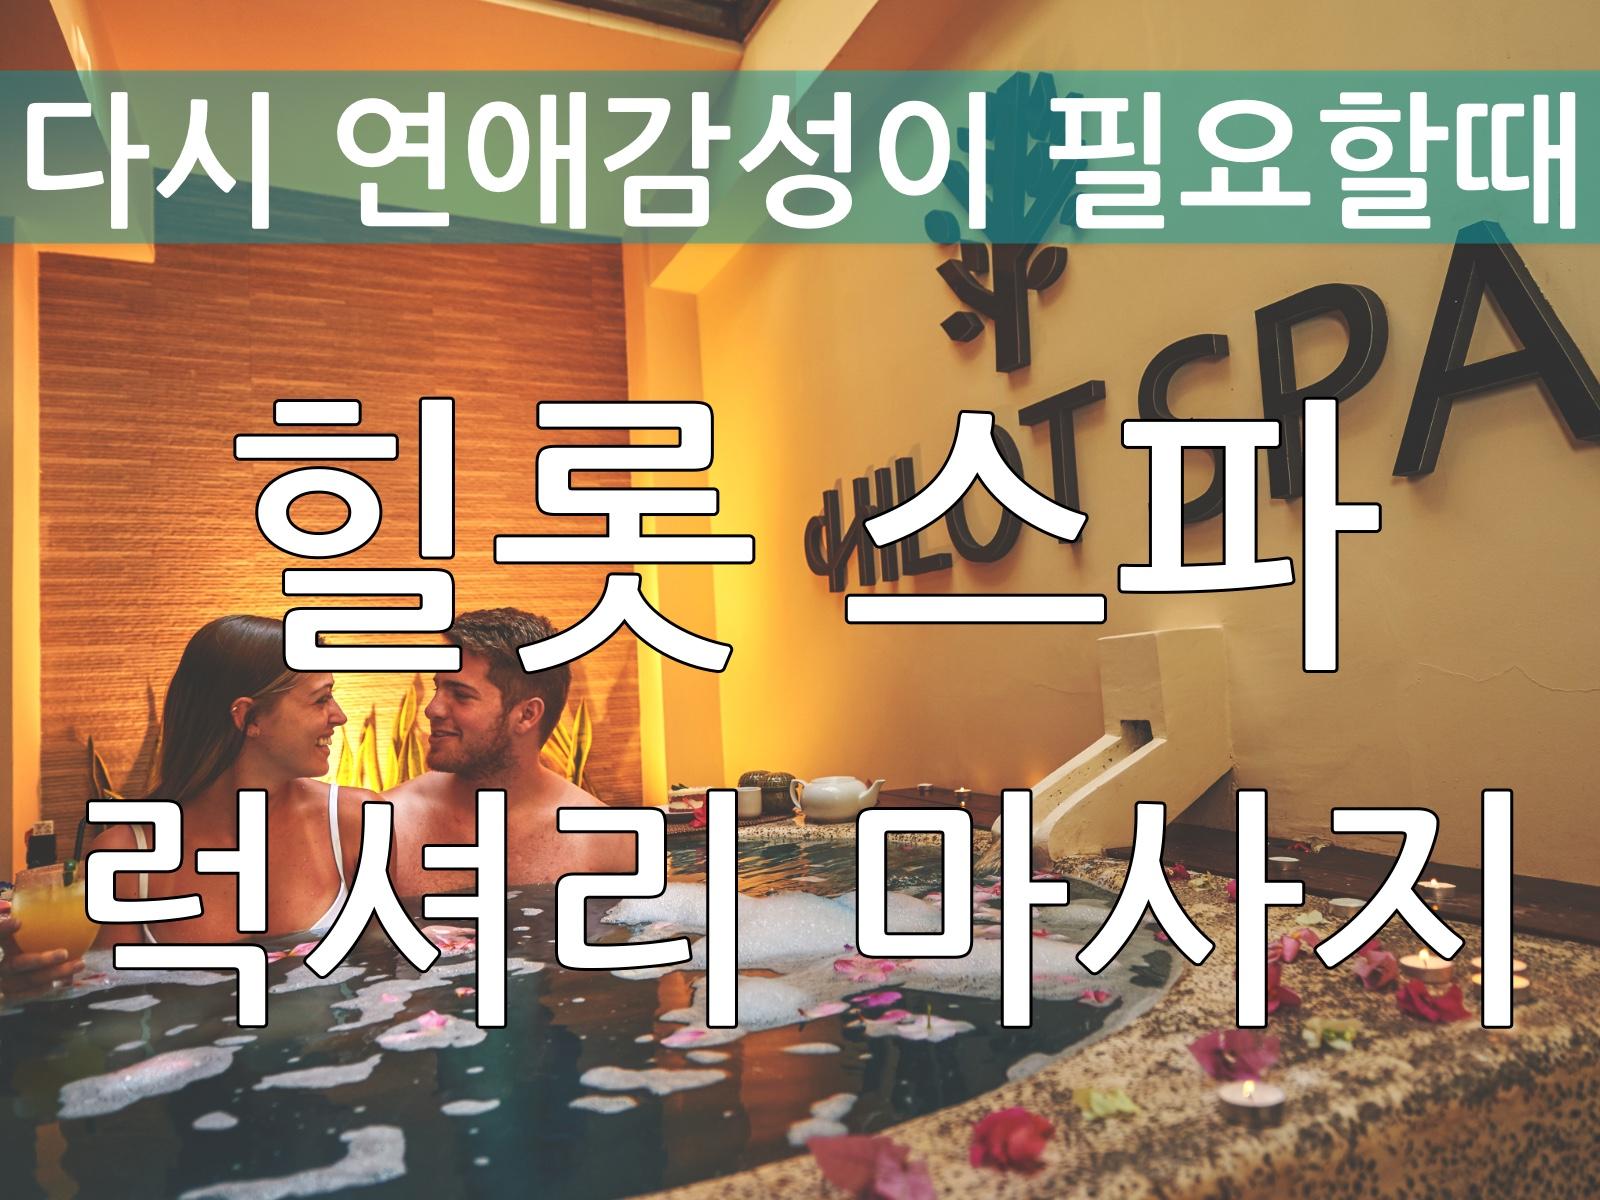 [보라카이] 로맨틱 럭셔리 커플 -  힐롯 스파